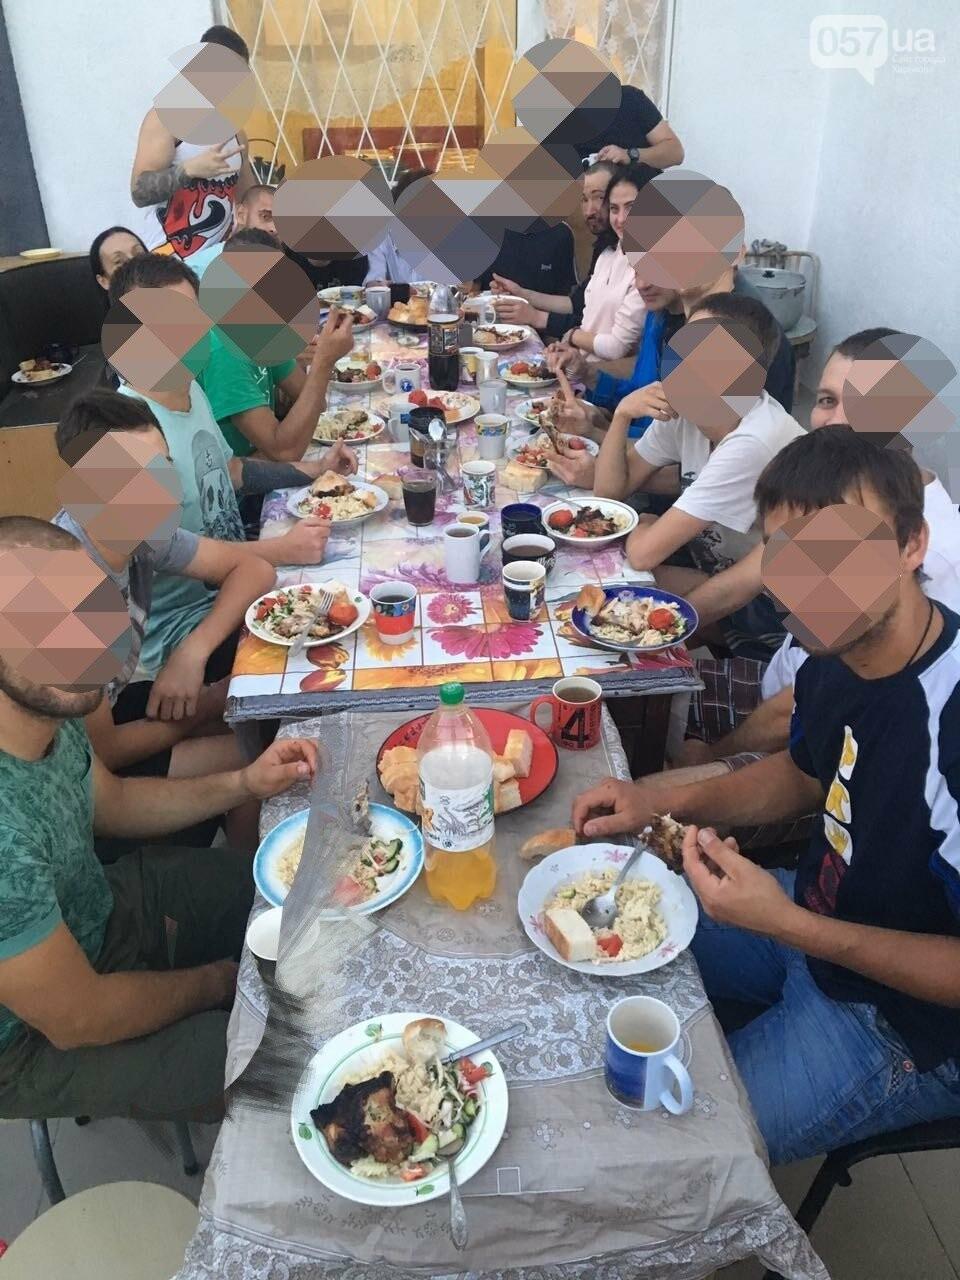 Реабилитационные центры в Харькове, лечение наркомании, лечение алкоголизма, фото-27